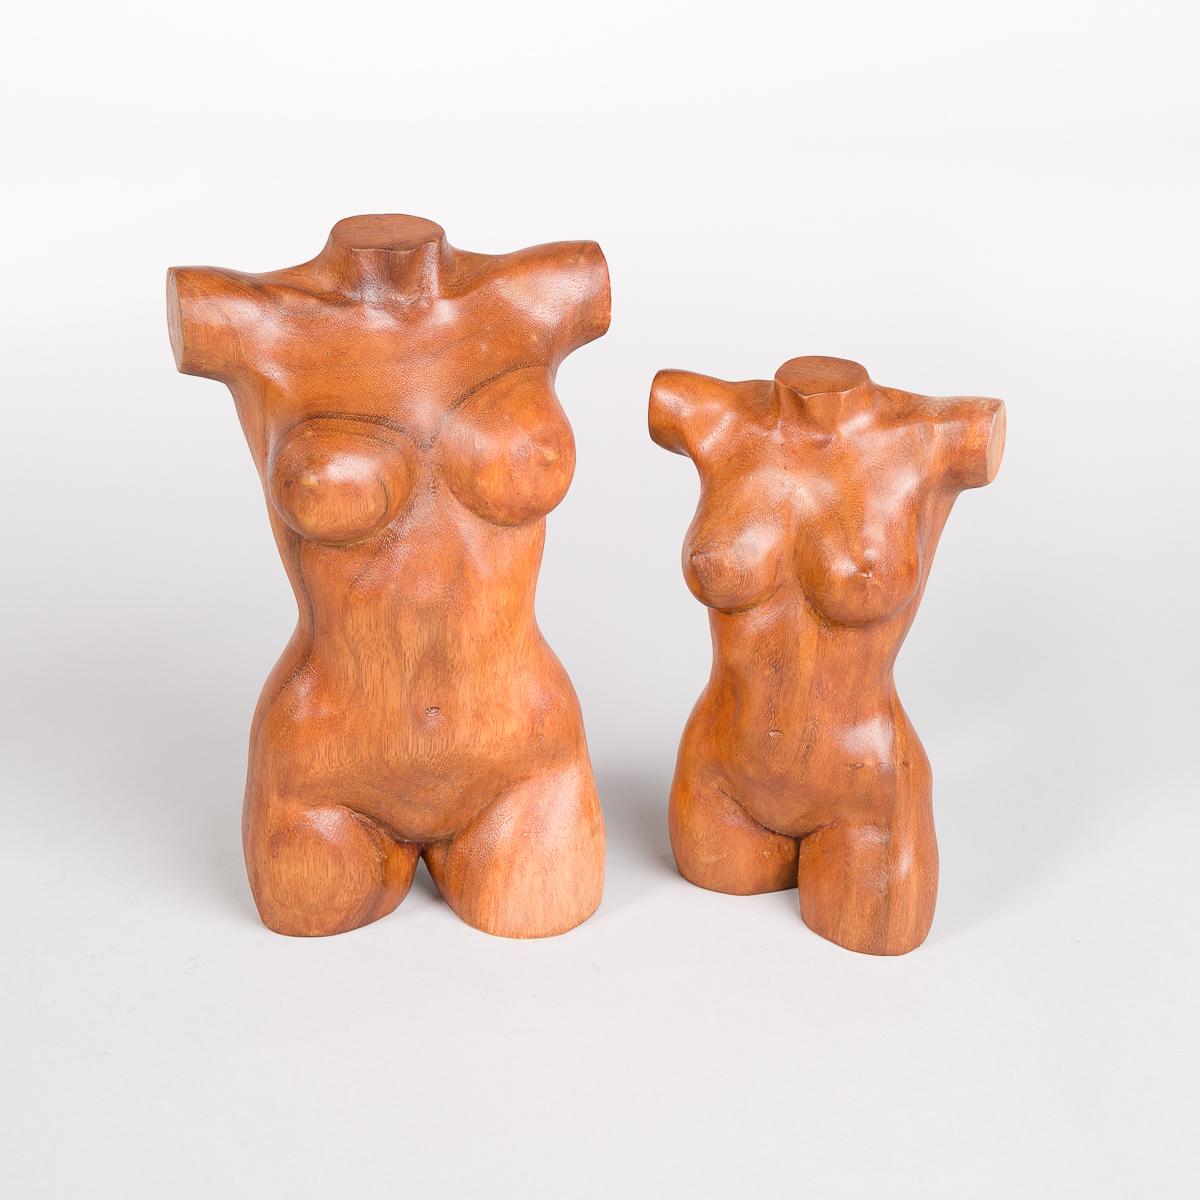 Kvinne Torso i tre - Høyde 26 cm-480